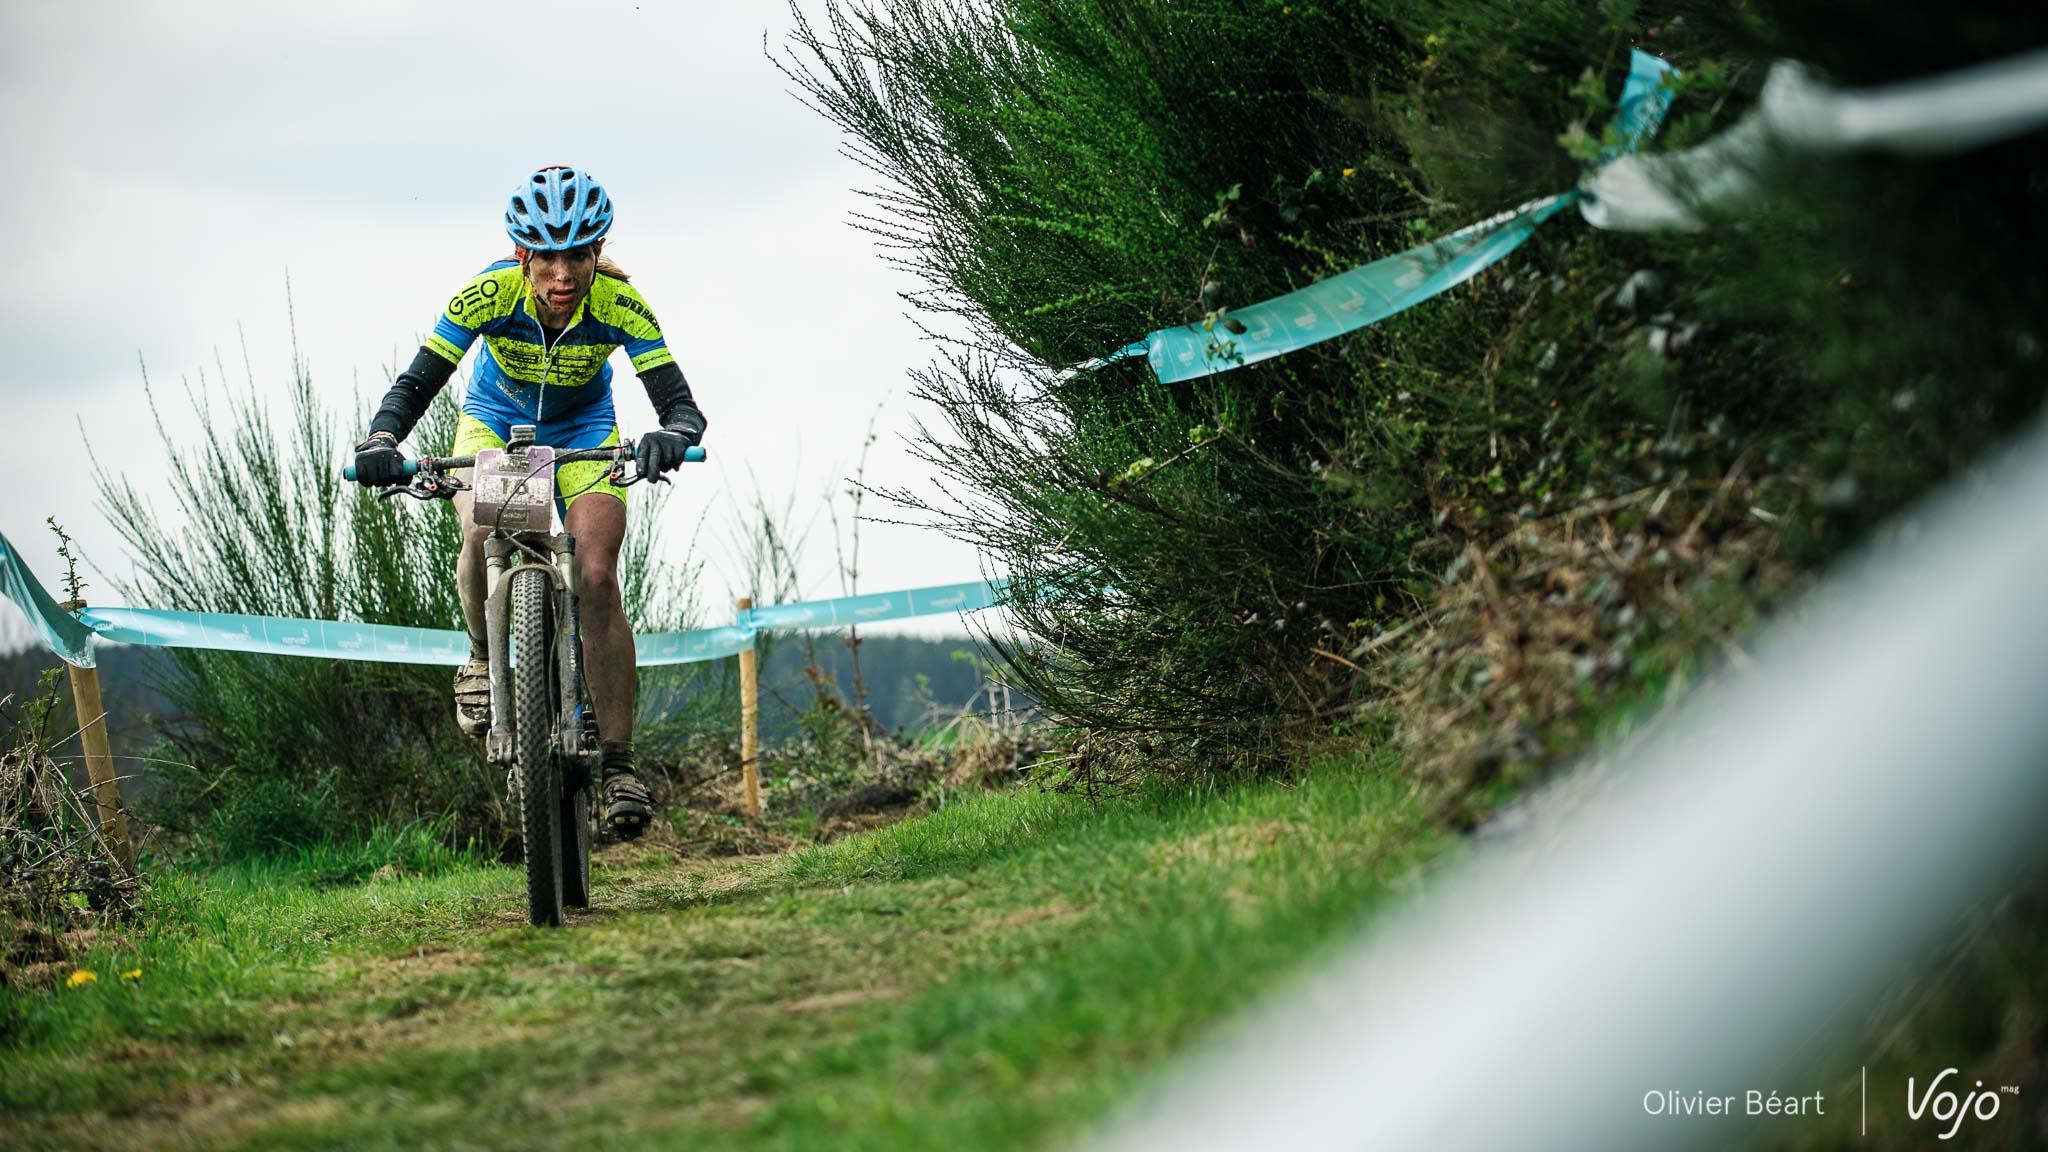 Roc_Ardenne_Marathon_Copyright_OBeart_VojoMag-21